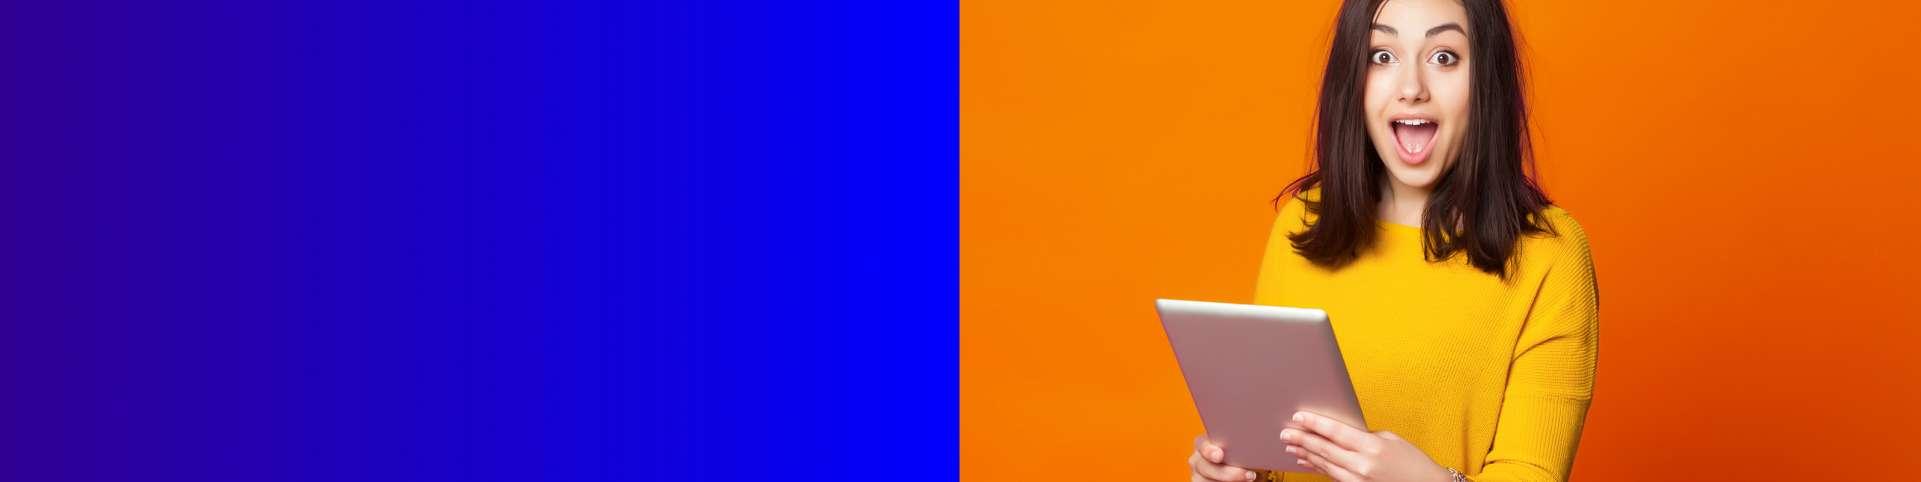 CTOUCH whitepaper Moderne werkplek2025 webbanner3200x802 V191120